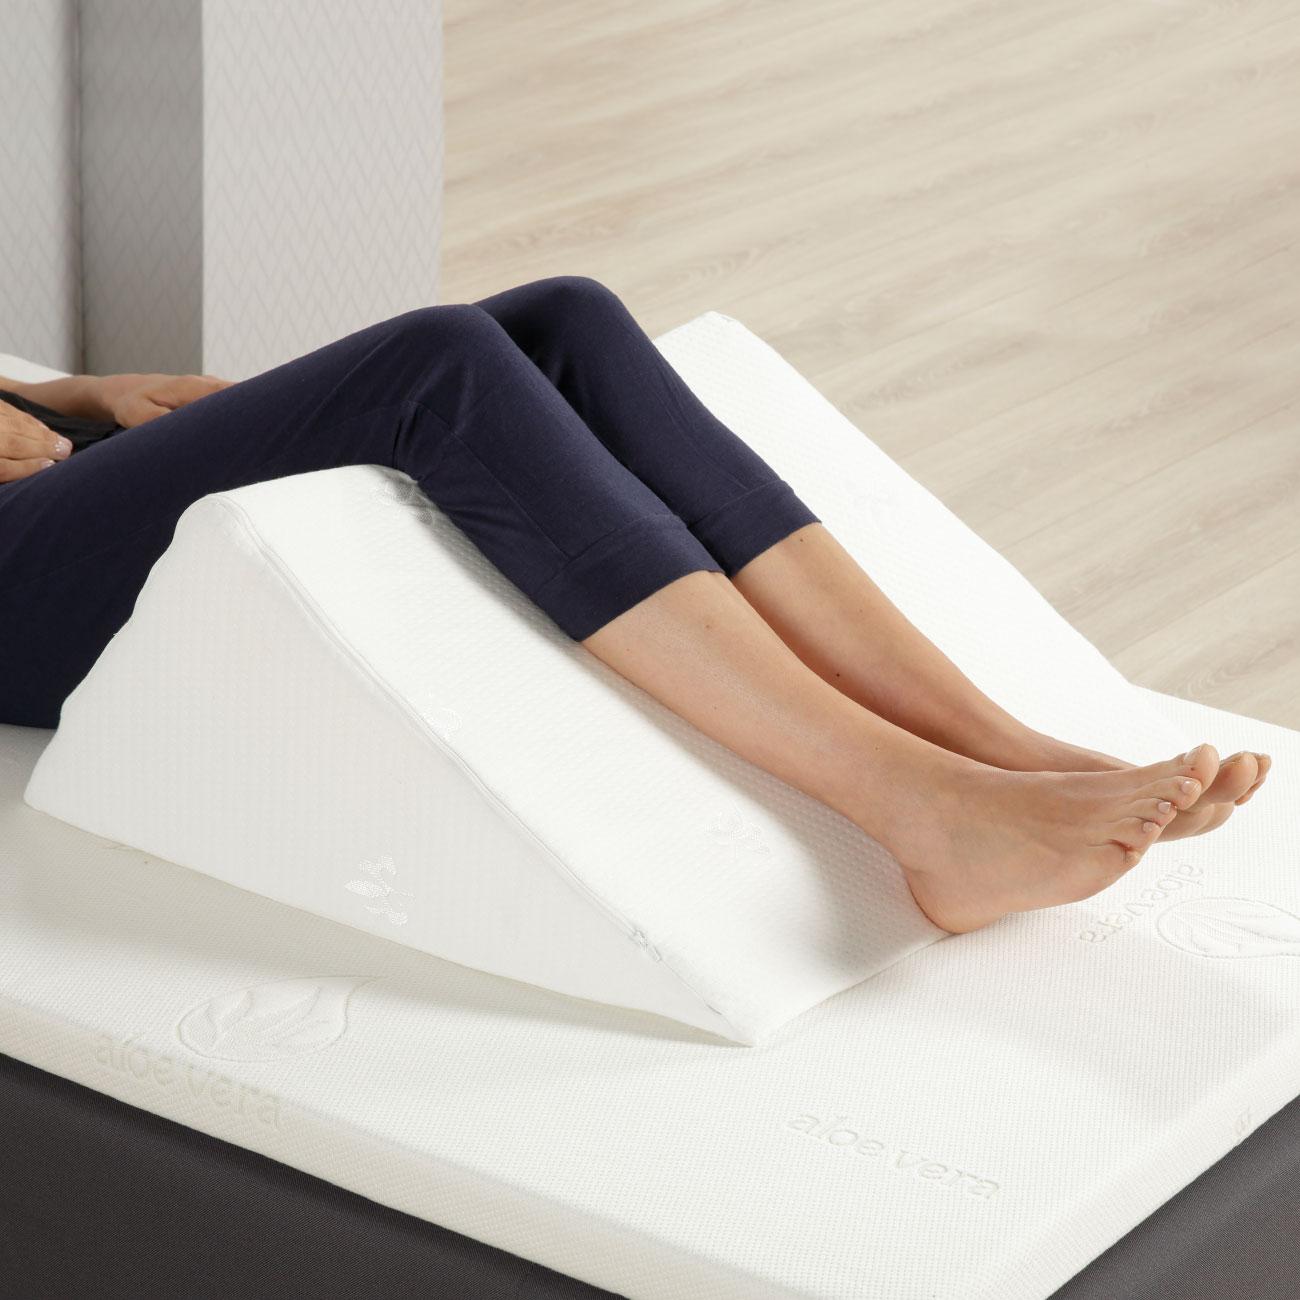 Das Keilkissen eignet sich auch ideal zur Hochlagerung der Beine